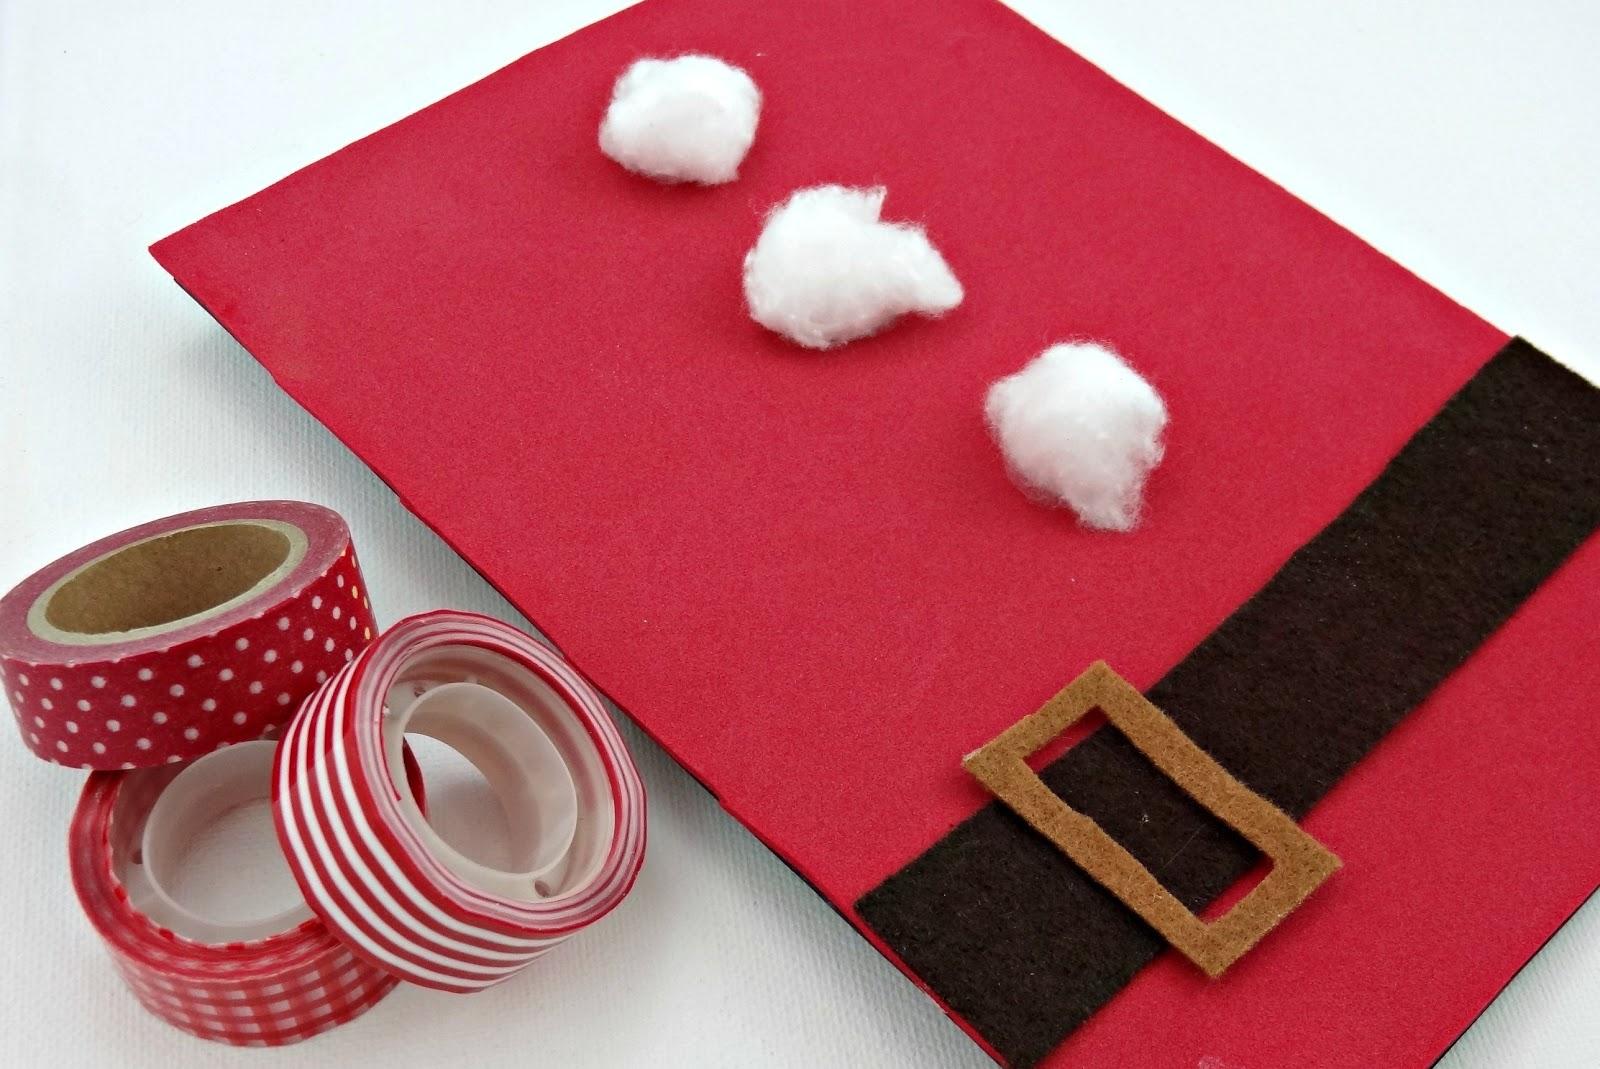 Celebra con ana compartiendo experiencias creativas - Ideas para hacer postales de navidad con ninos ...